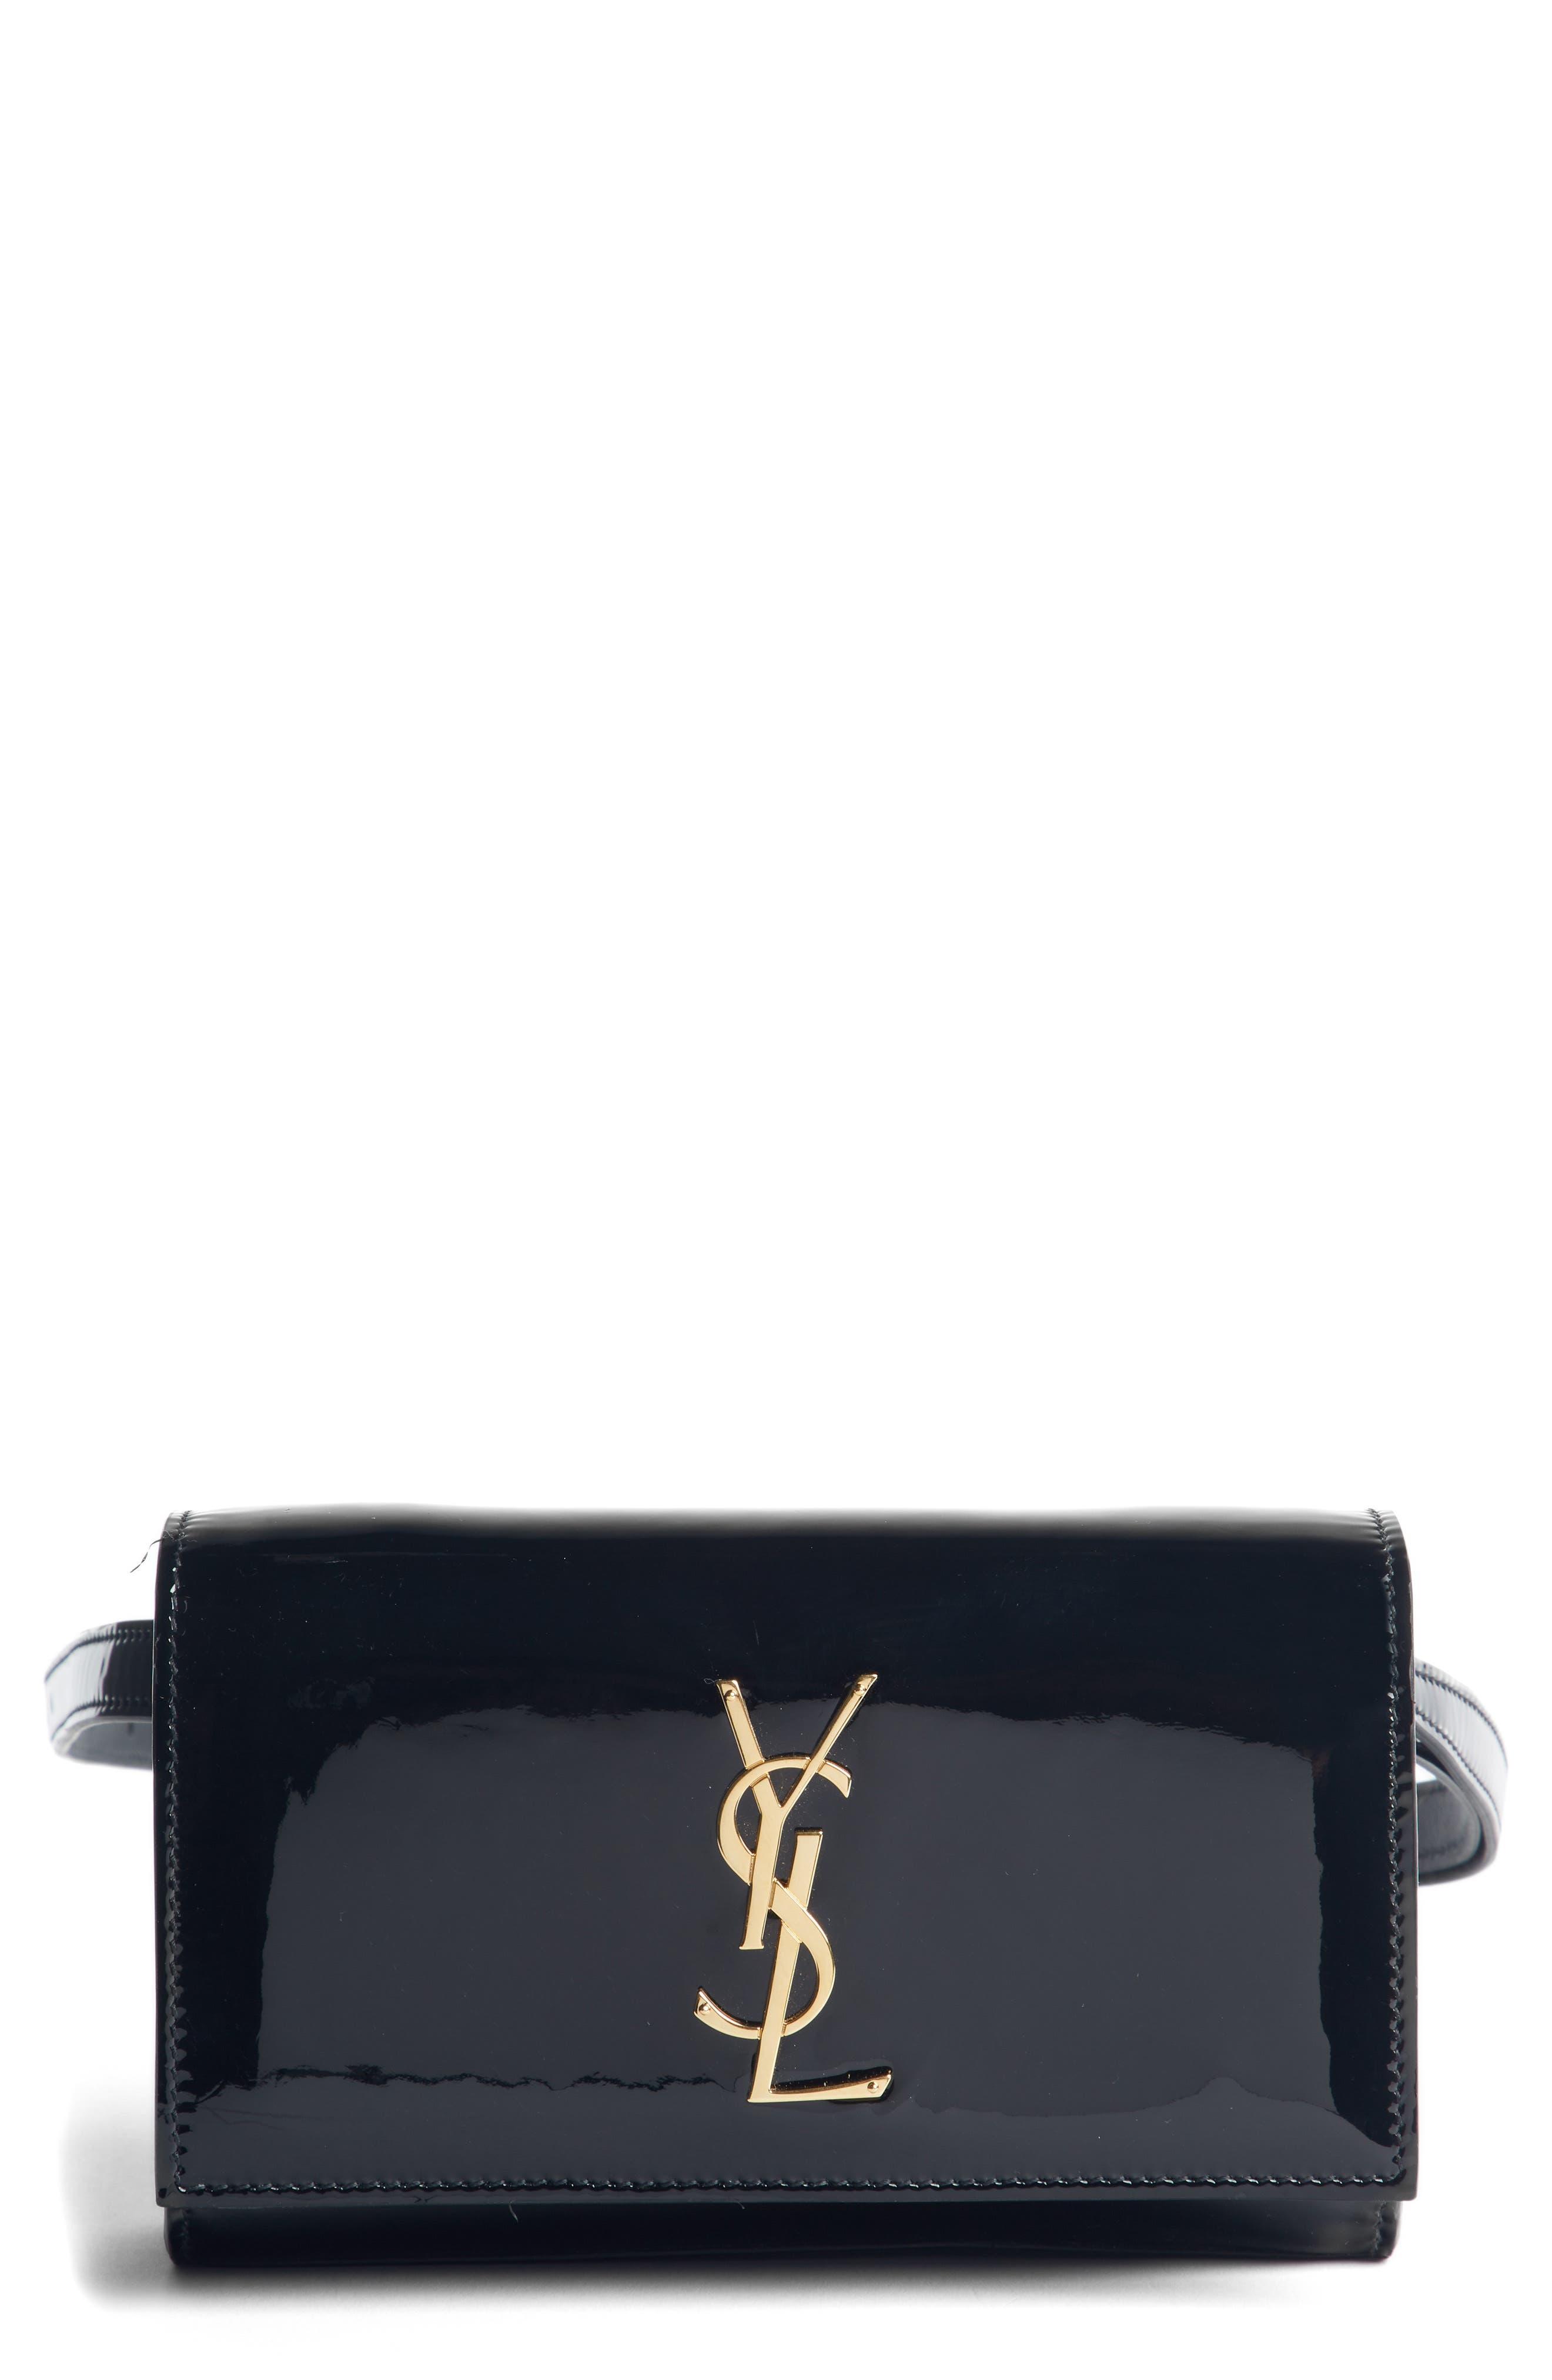 SAINT LAURENT Kate Patent Leather Belt Bag, Main, color, NOIR